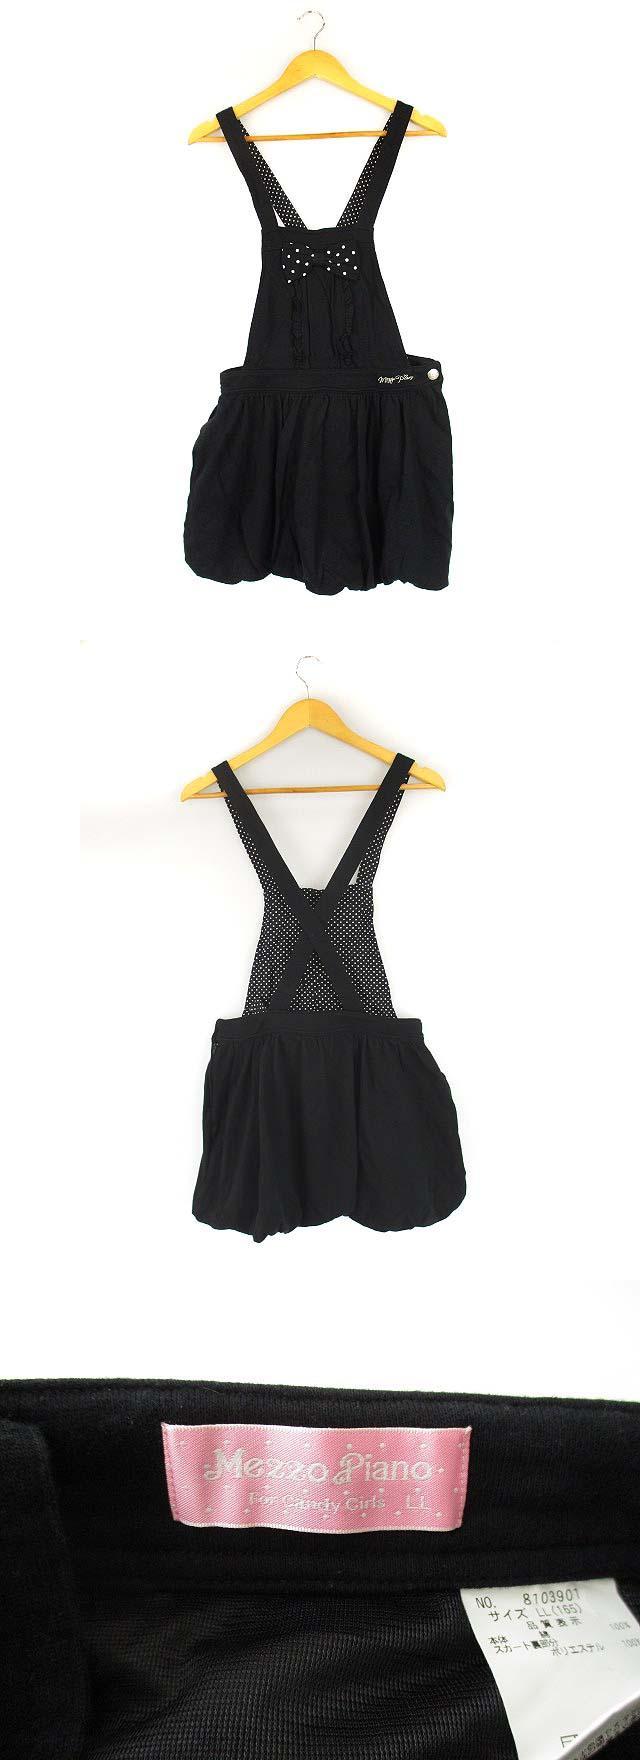 裾バルーン フリル ジャンパースカート ジャンスカ リボン ワンピース スウェット生地 無地 ドット 黒 ブラック LL 165 ジュニア 子供服